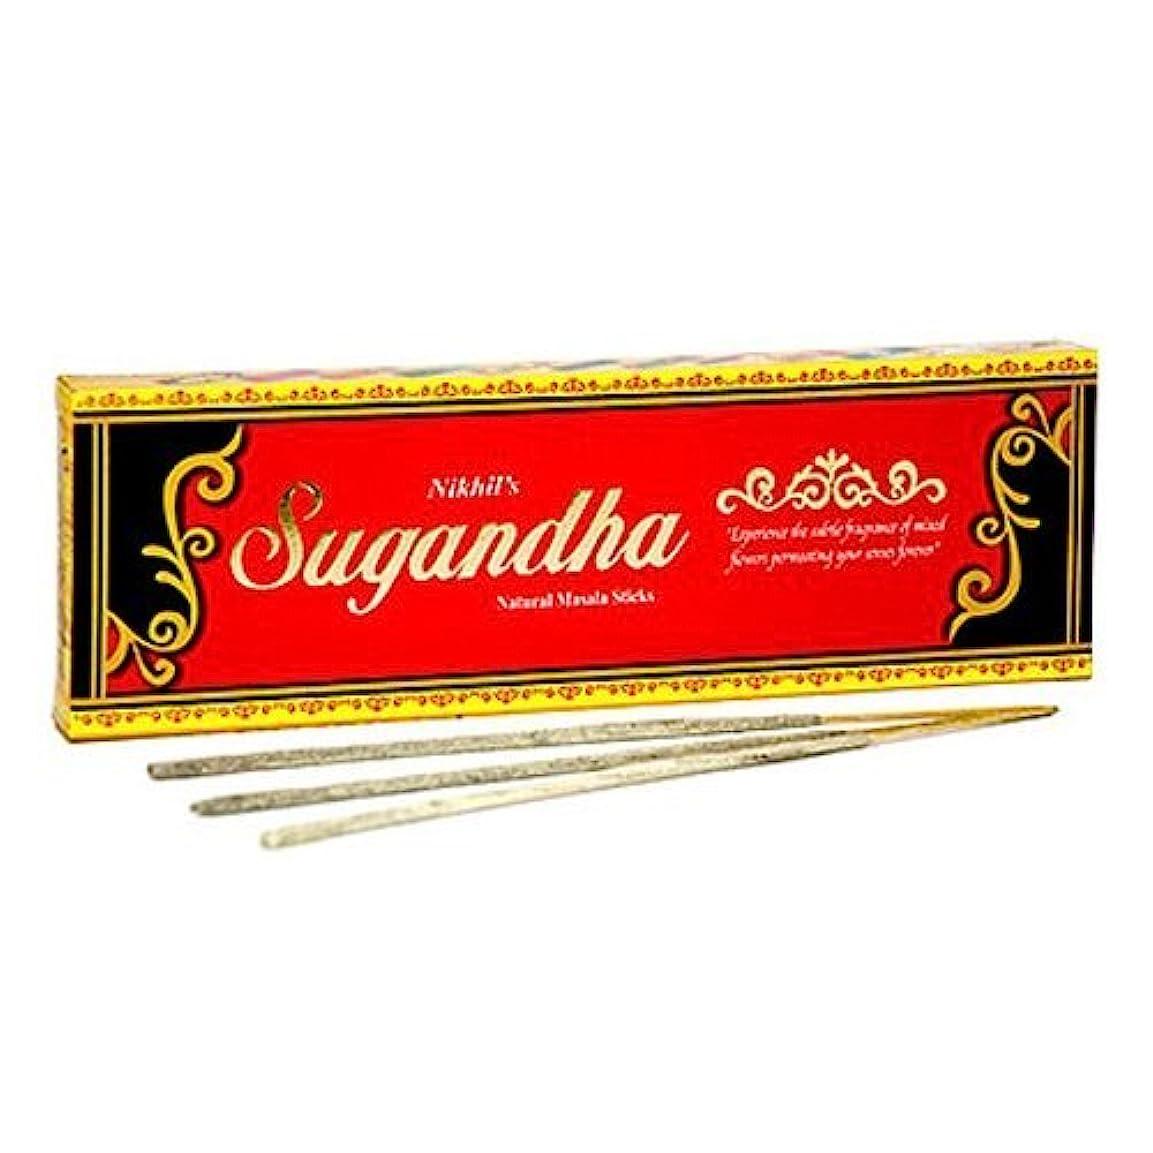 背骨アニメーションにやにやNikhil Sugandha Natural Incense - 2 Packs, 50 Grammes per Pack